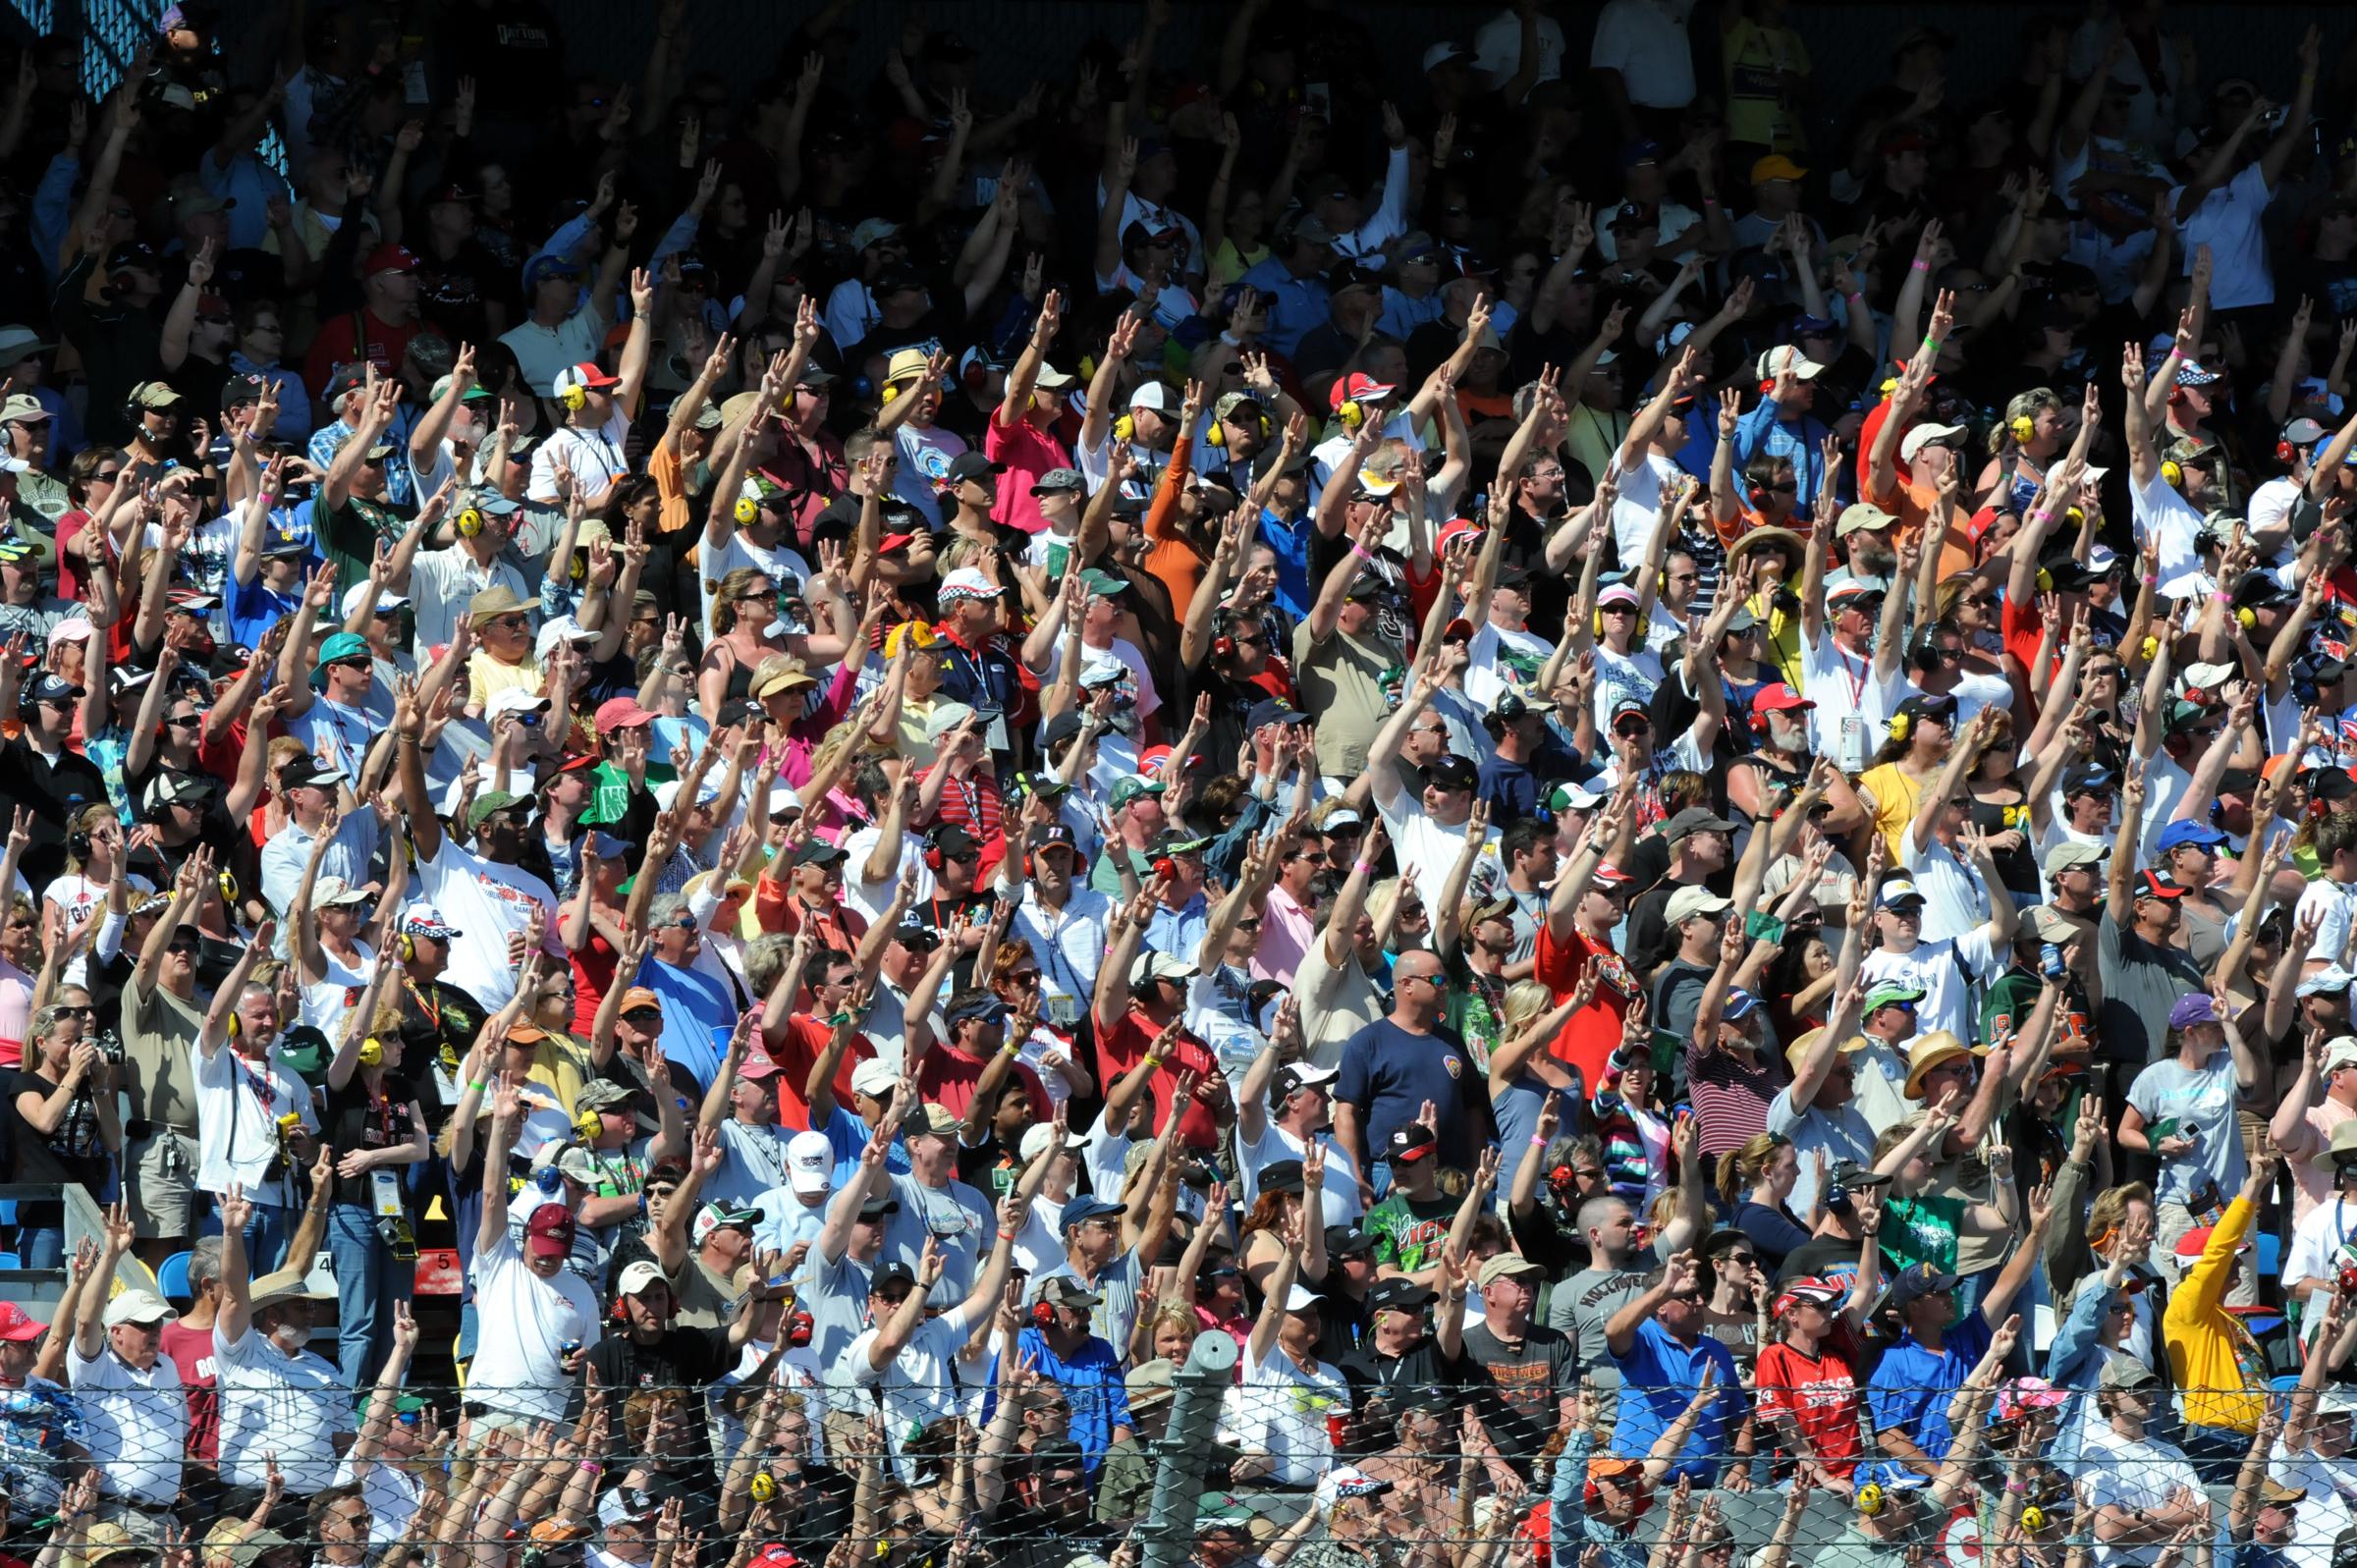 Dale Earnhardt Wikipedia >> File:Fans holding 3 fingers in 2011 Daytona 500 in honor for Dale Earnhardt.jpg - Wikipedia